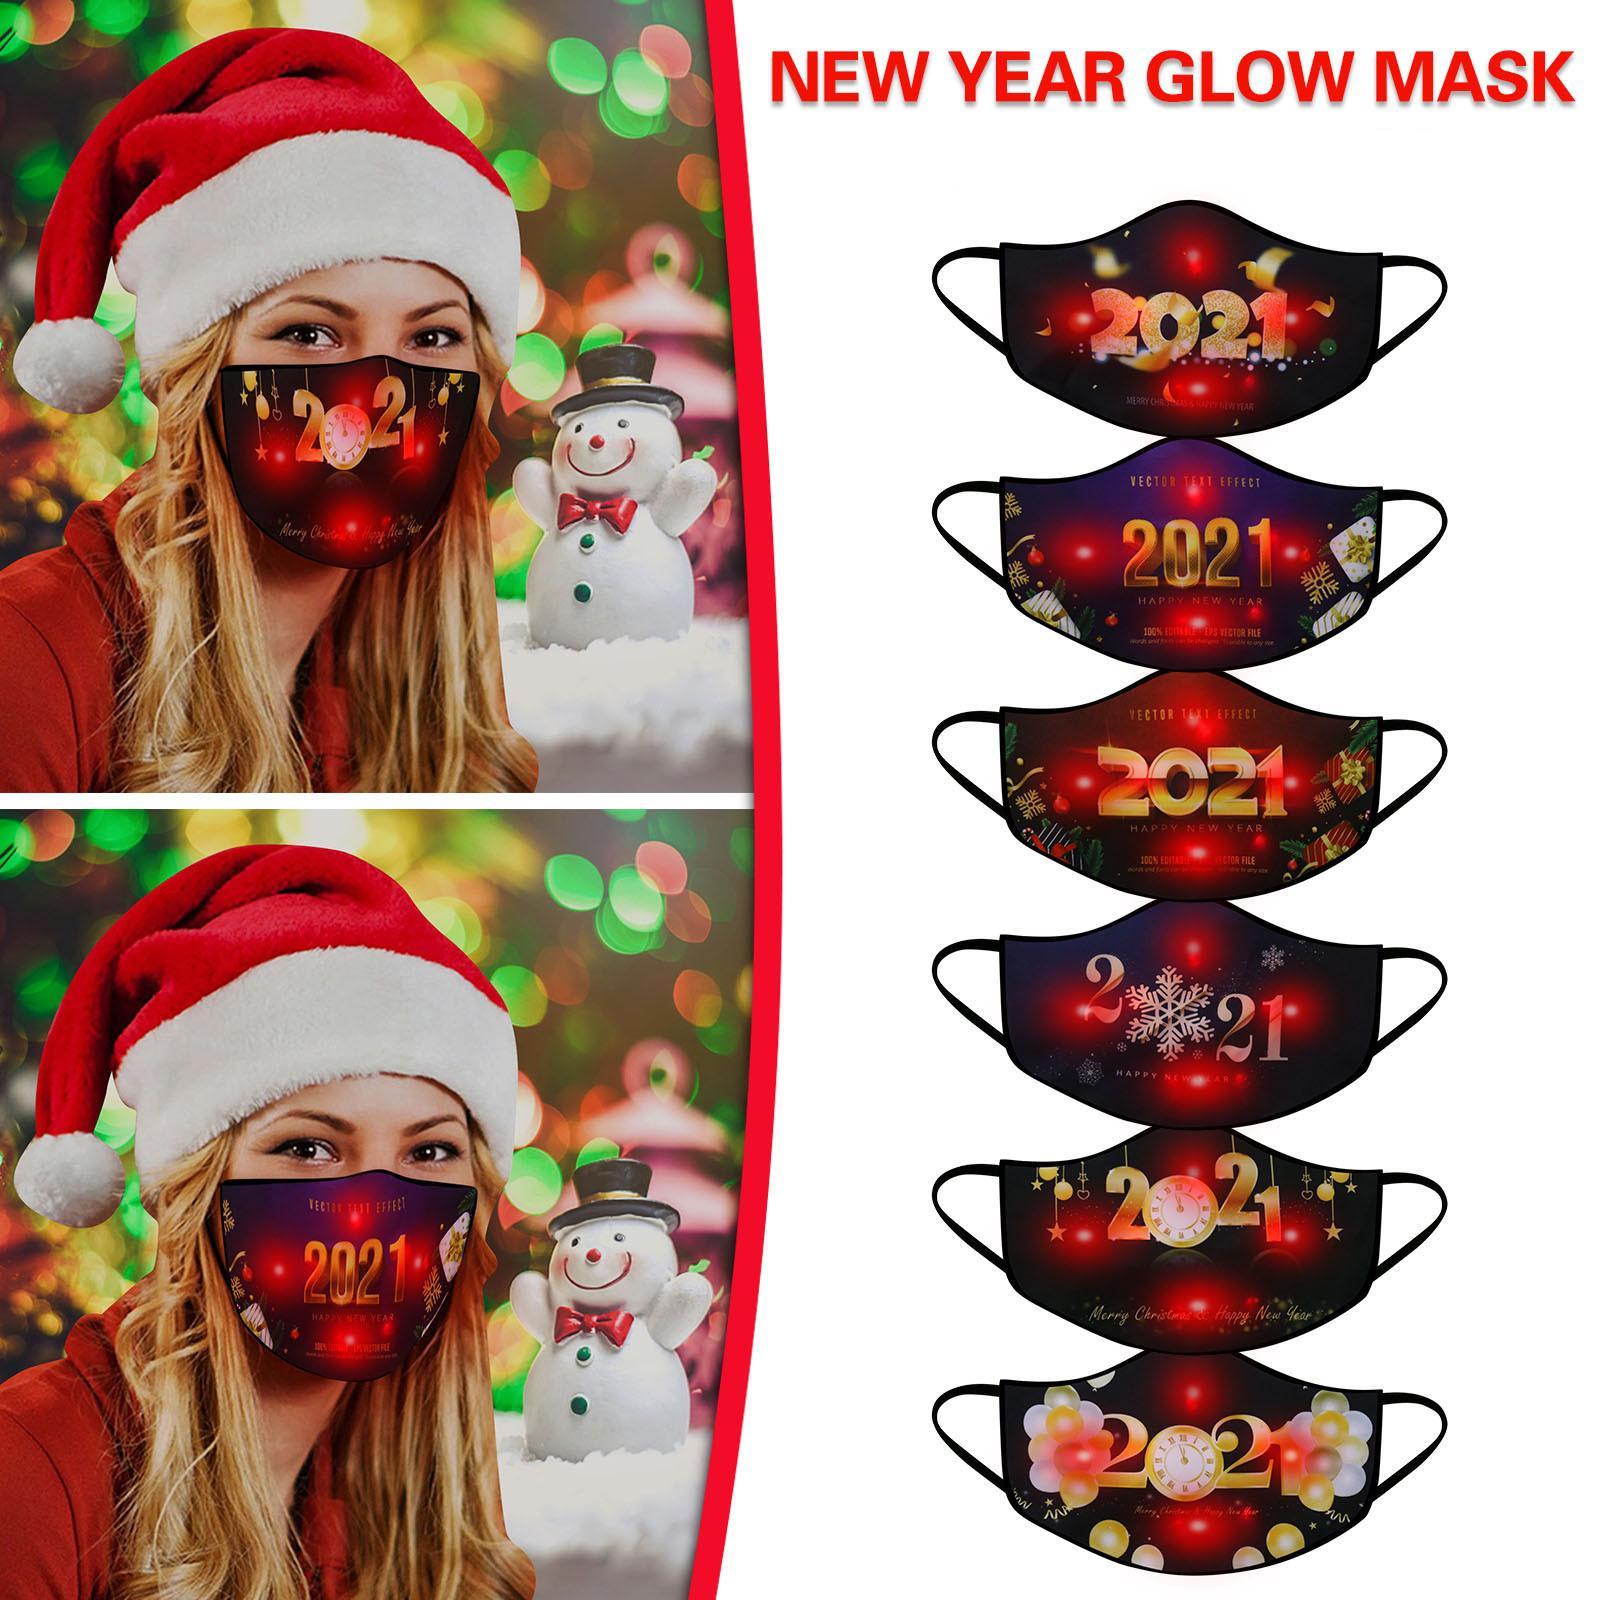 2021 새 해 가장 무도회 성인 마스크에 대 한 빛나는 LED 얼굴 마스크를 변경하는 빛나는 마스크 7 색